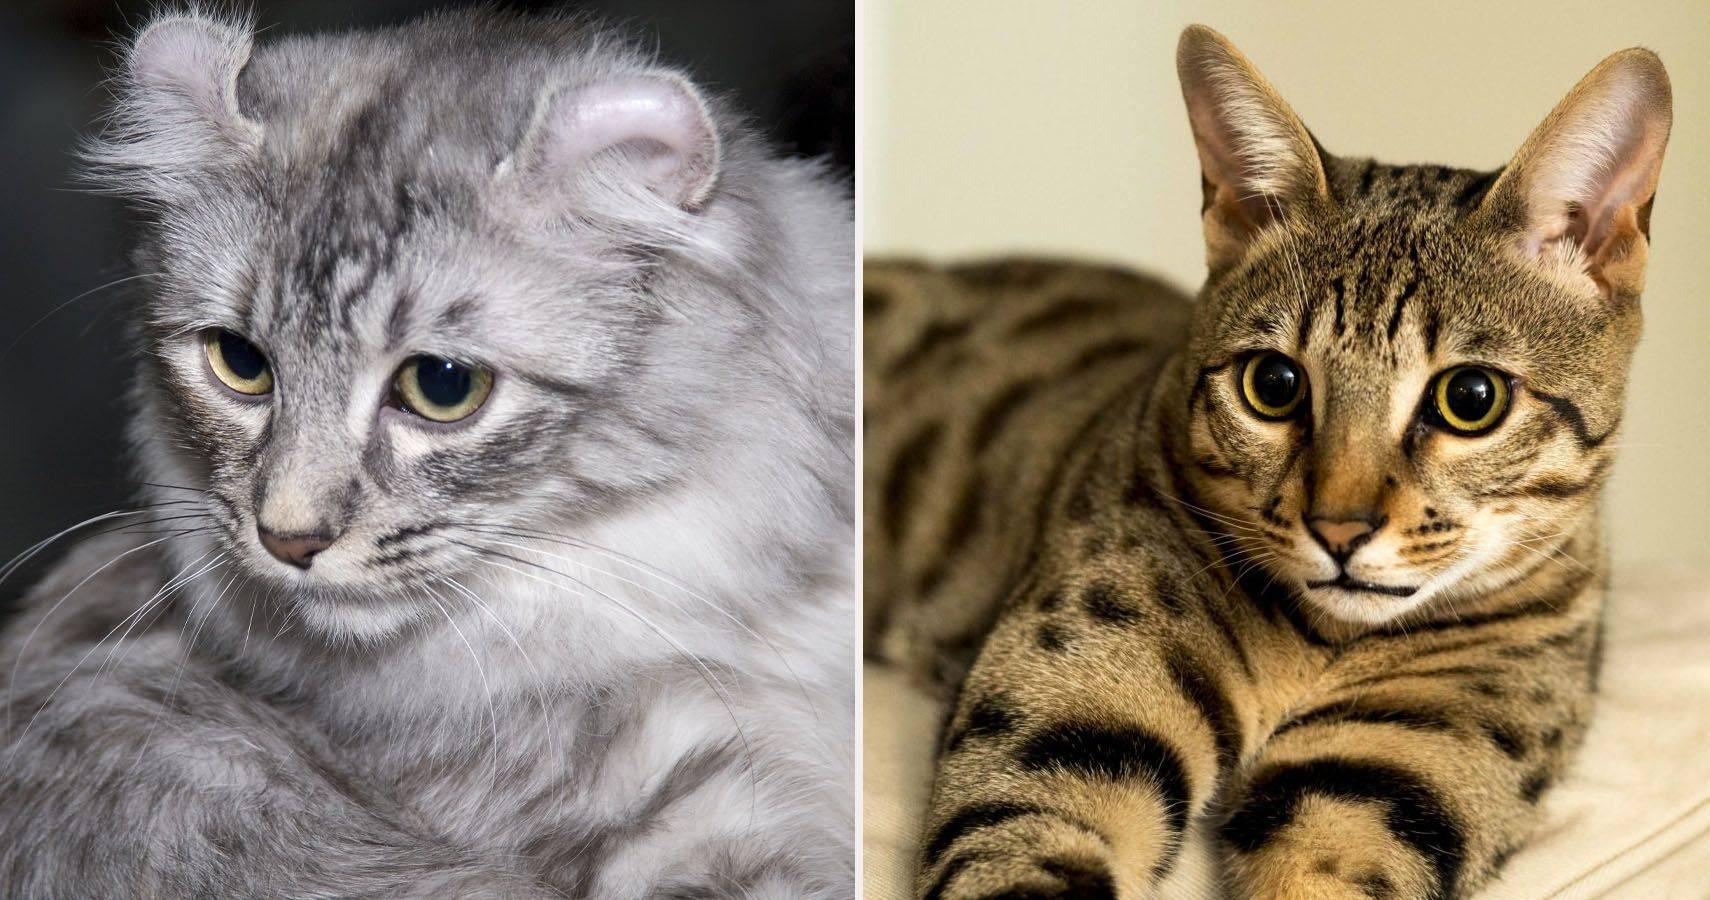 Порода самых умных кошек в мире: рейтинг с фото и описаниями